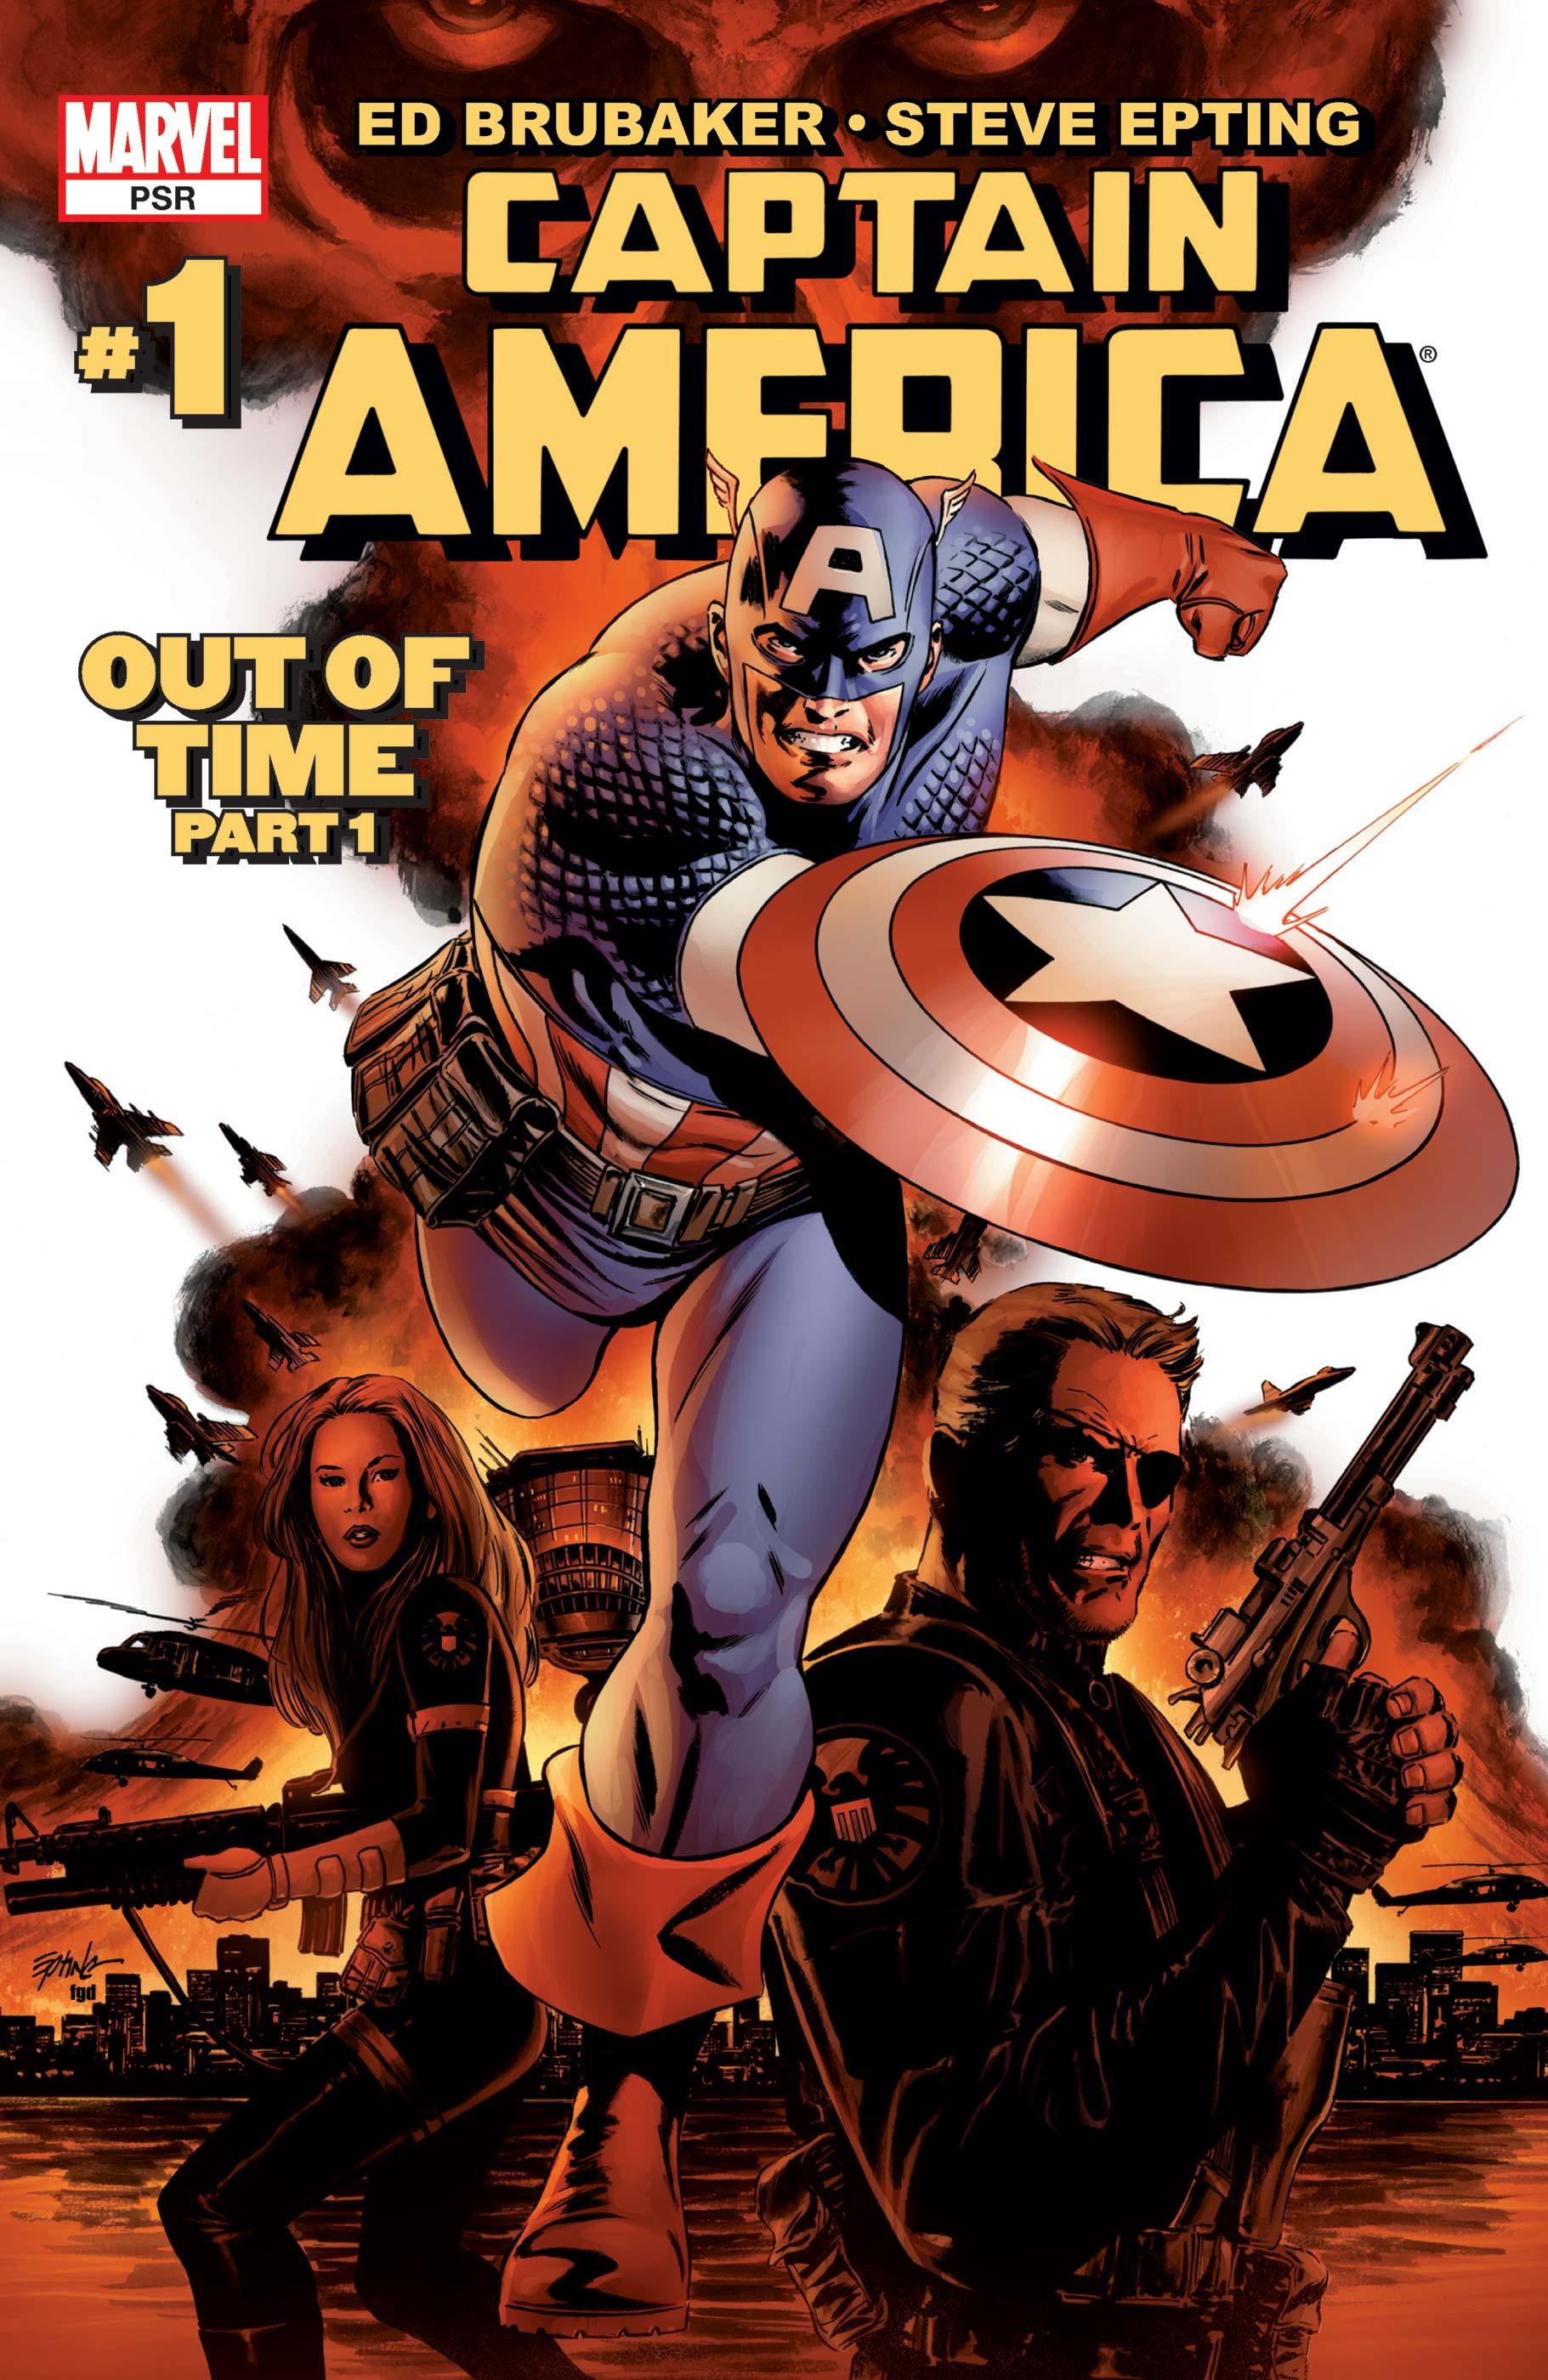 COLECCIÓN DEFINITIVA: CAPITÁN AMÉRICA [UL] [cbr] Captain_America_Vol_5_1